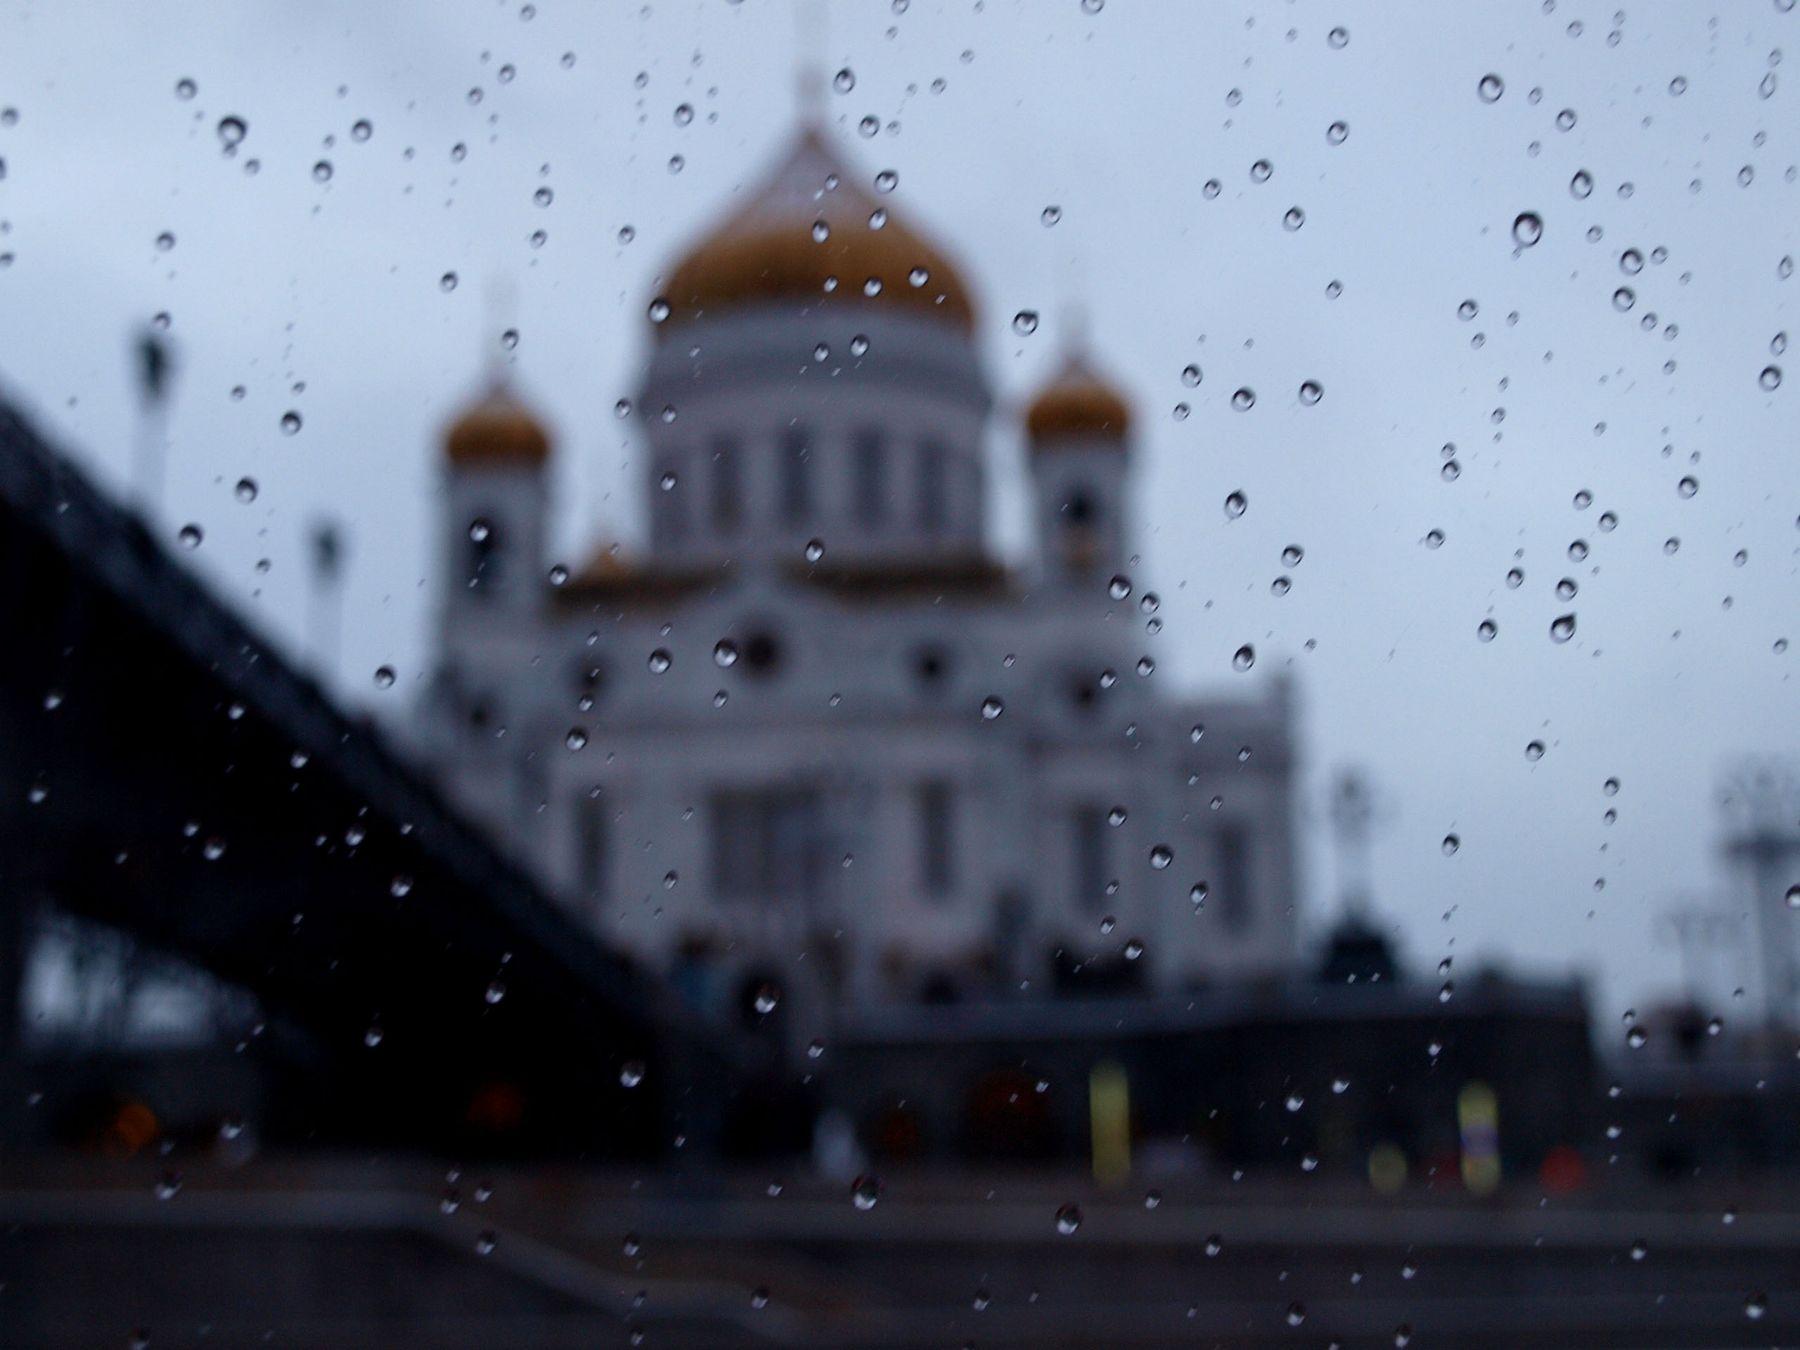 Храм Христа Спасителя Москва.Храм Христа Спасителя